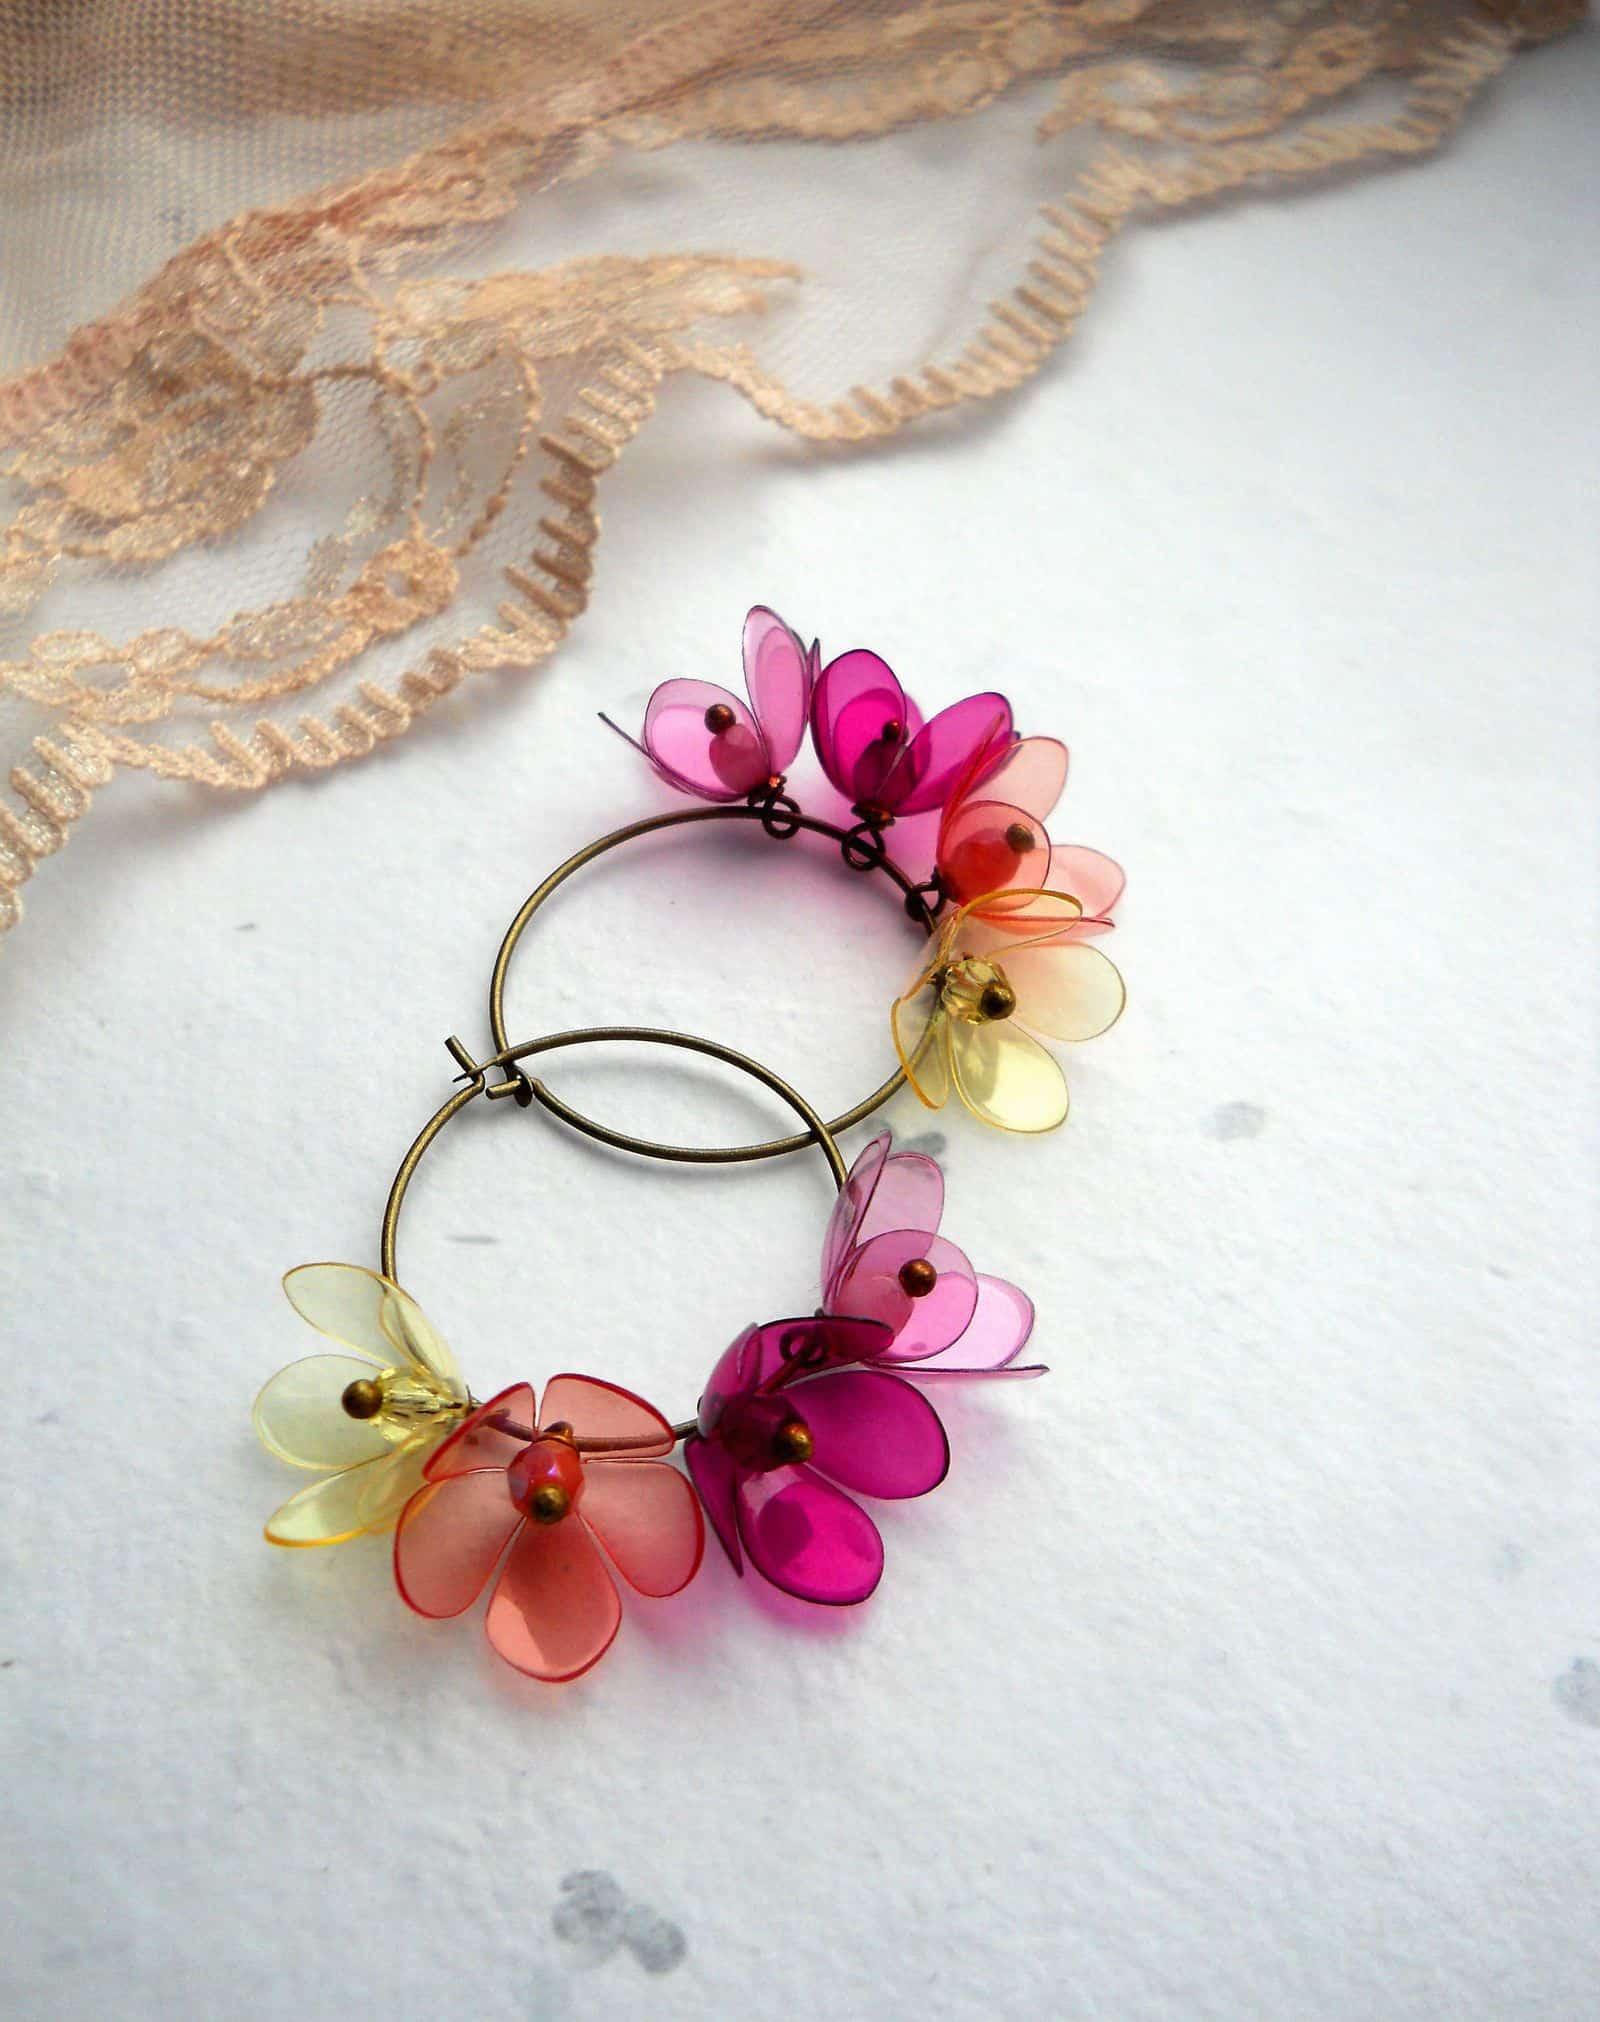 Plastic bottle flower hoops